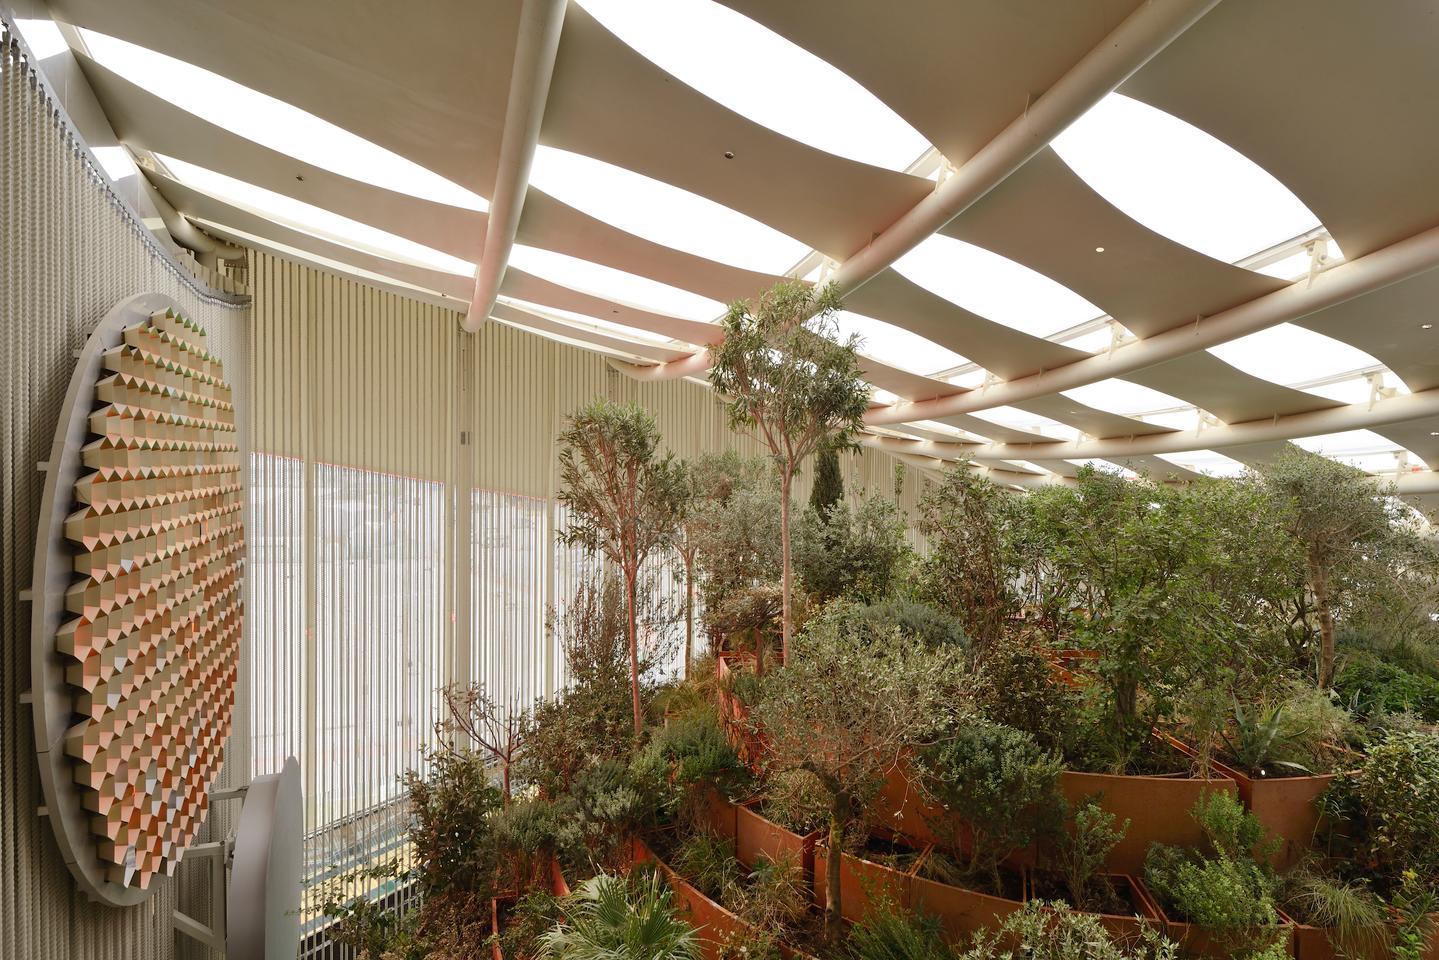 Сградата на Италианския павилион на Expo Dubai 2020 представя над 160 различни растителни вида